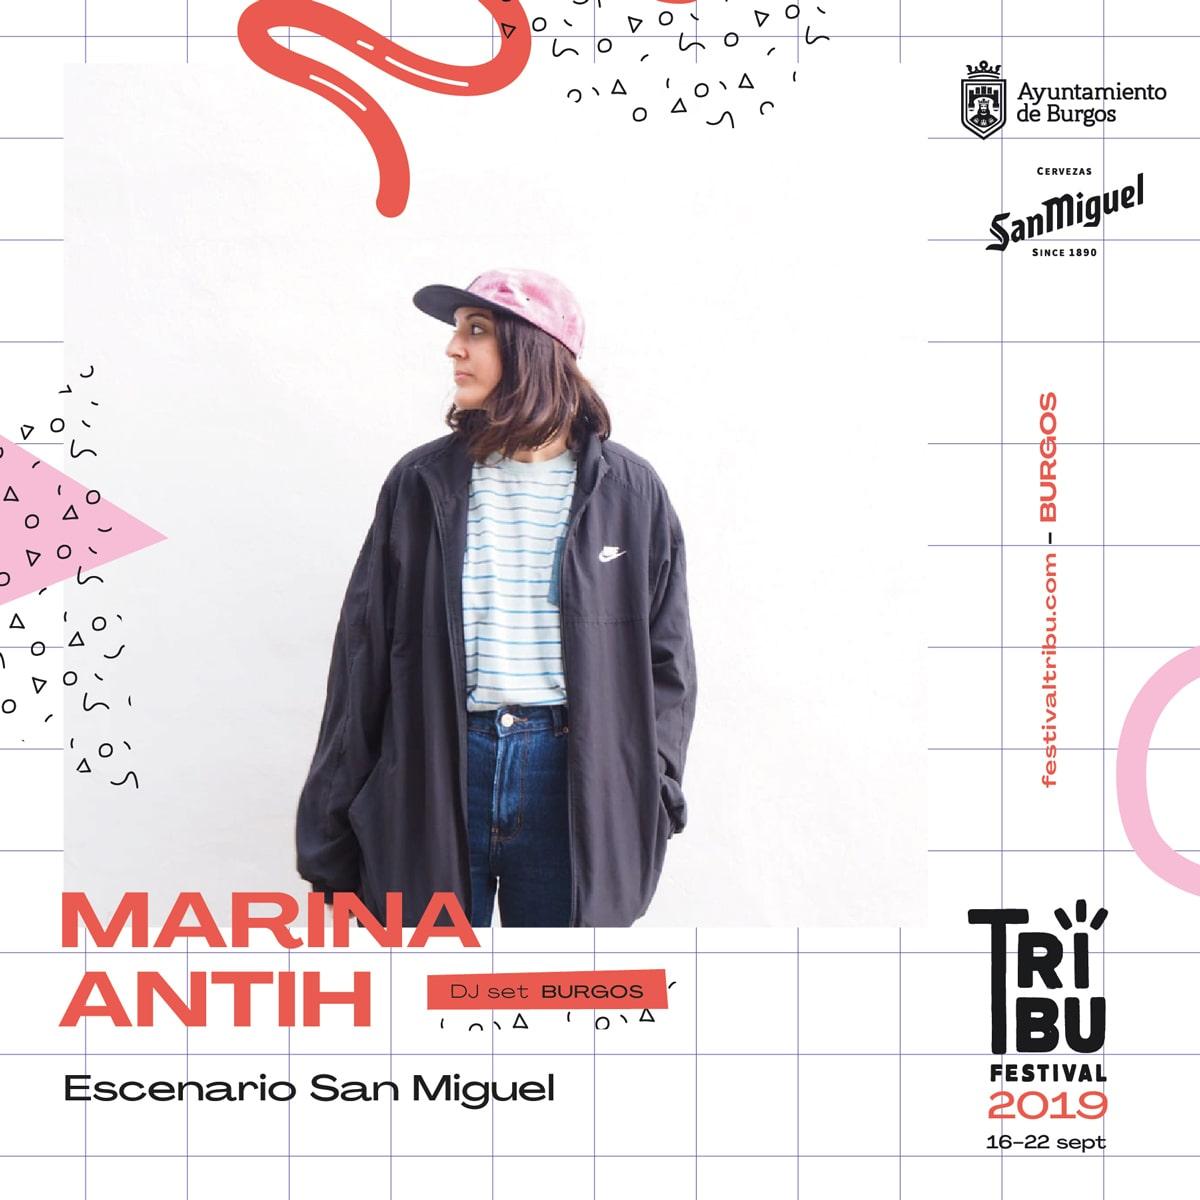 Concierto de Marina Anthi, en el festival Tribu 2019